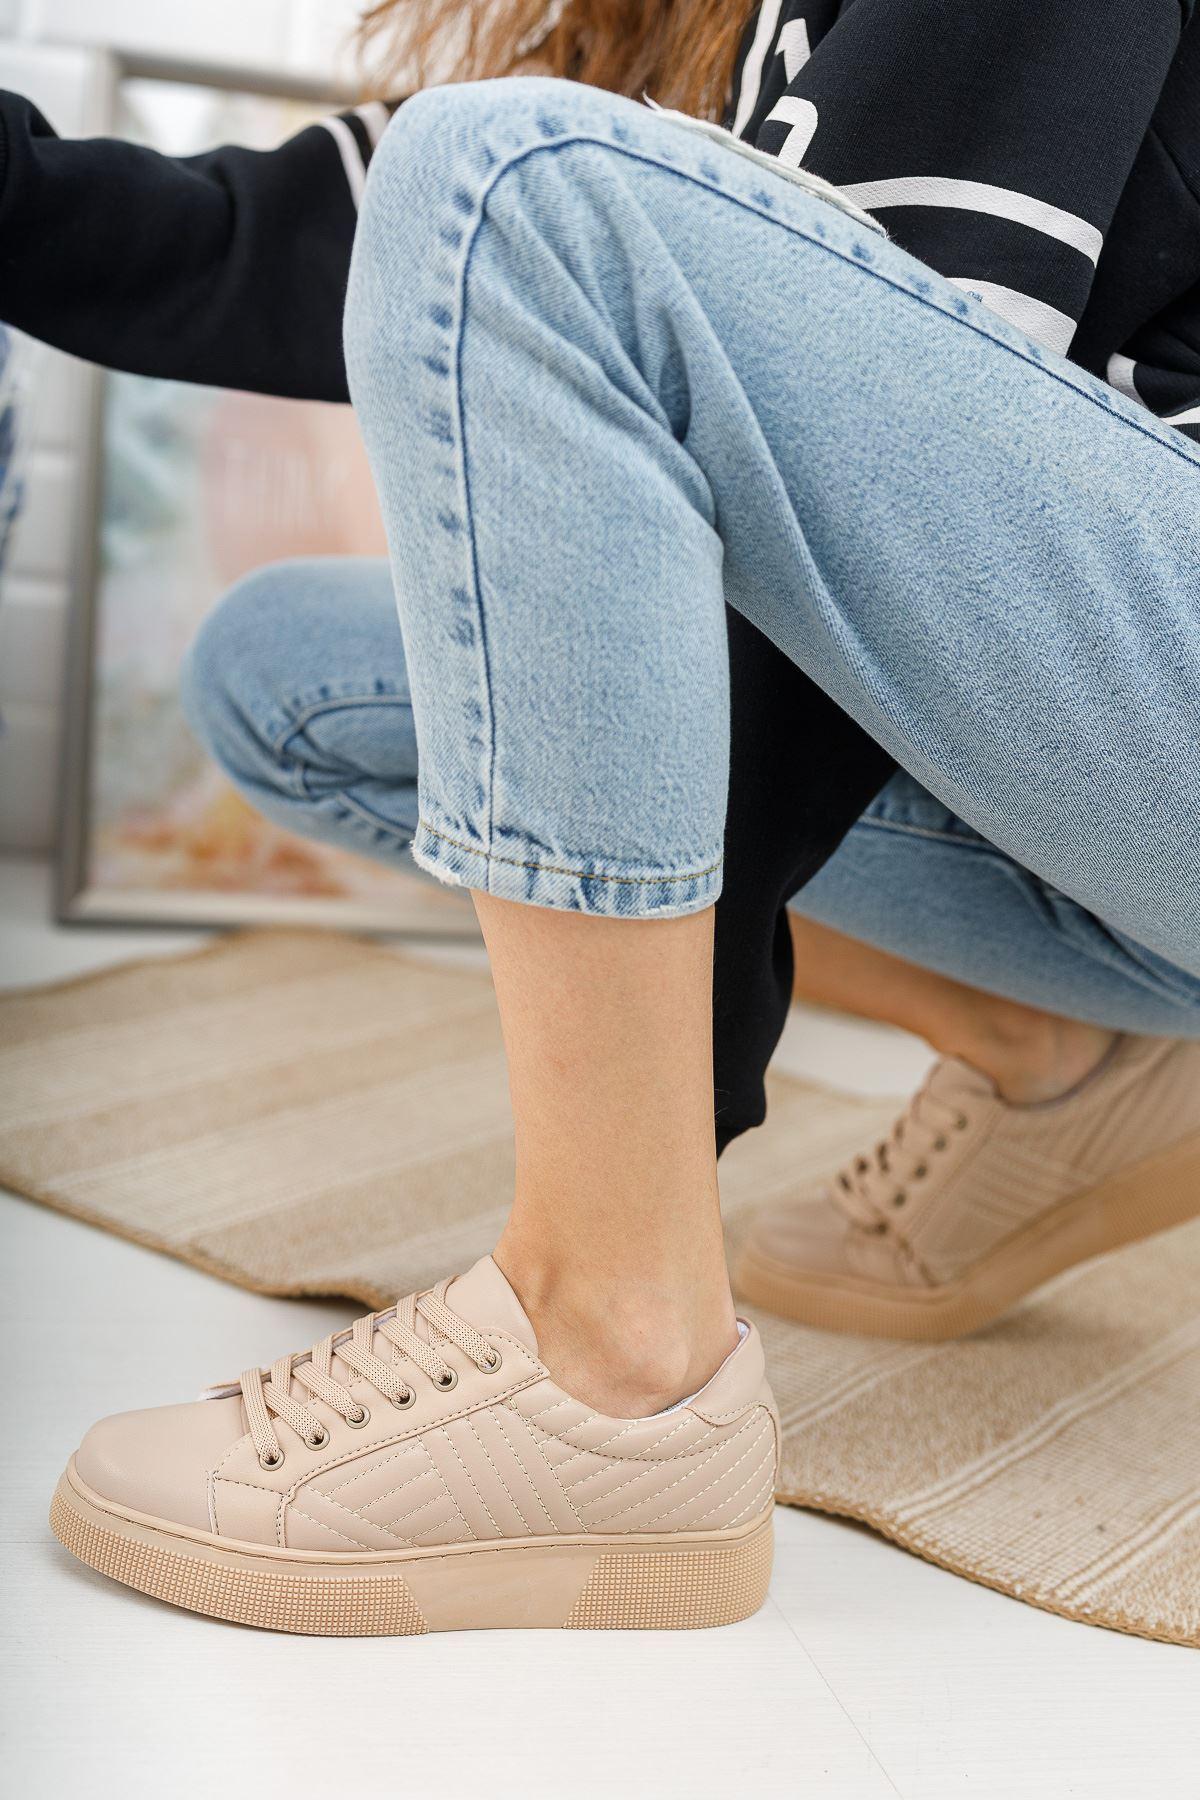 Marita Kapitoneli Bağcıklı Vizon Spor Ayakkabı